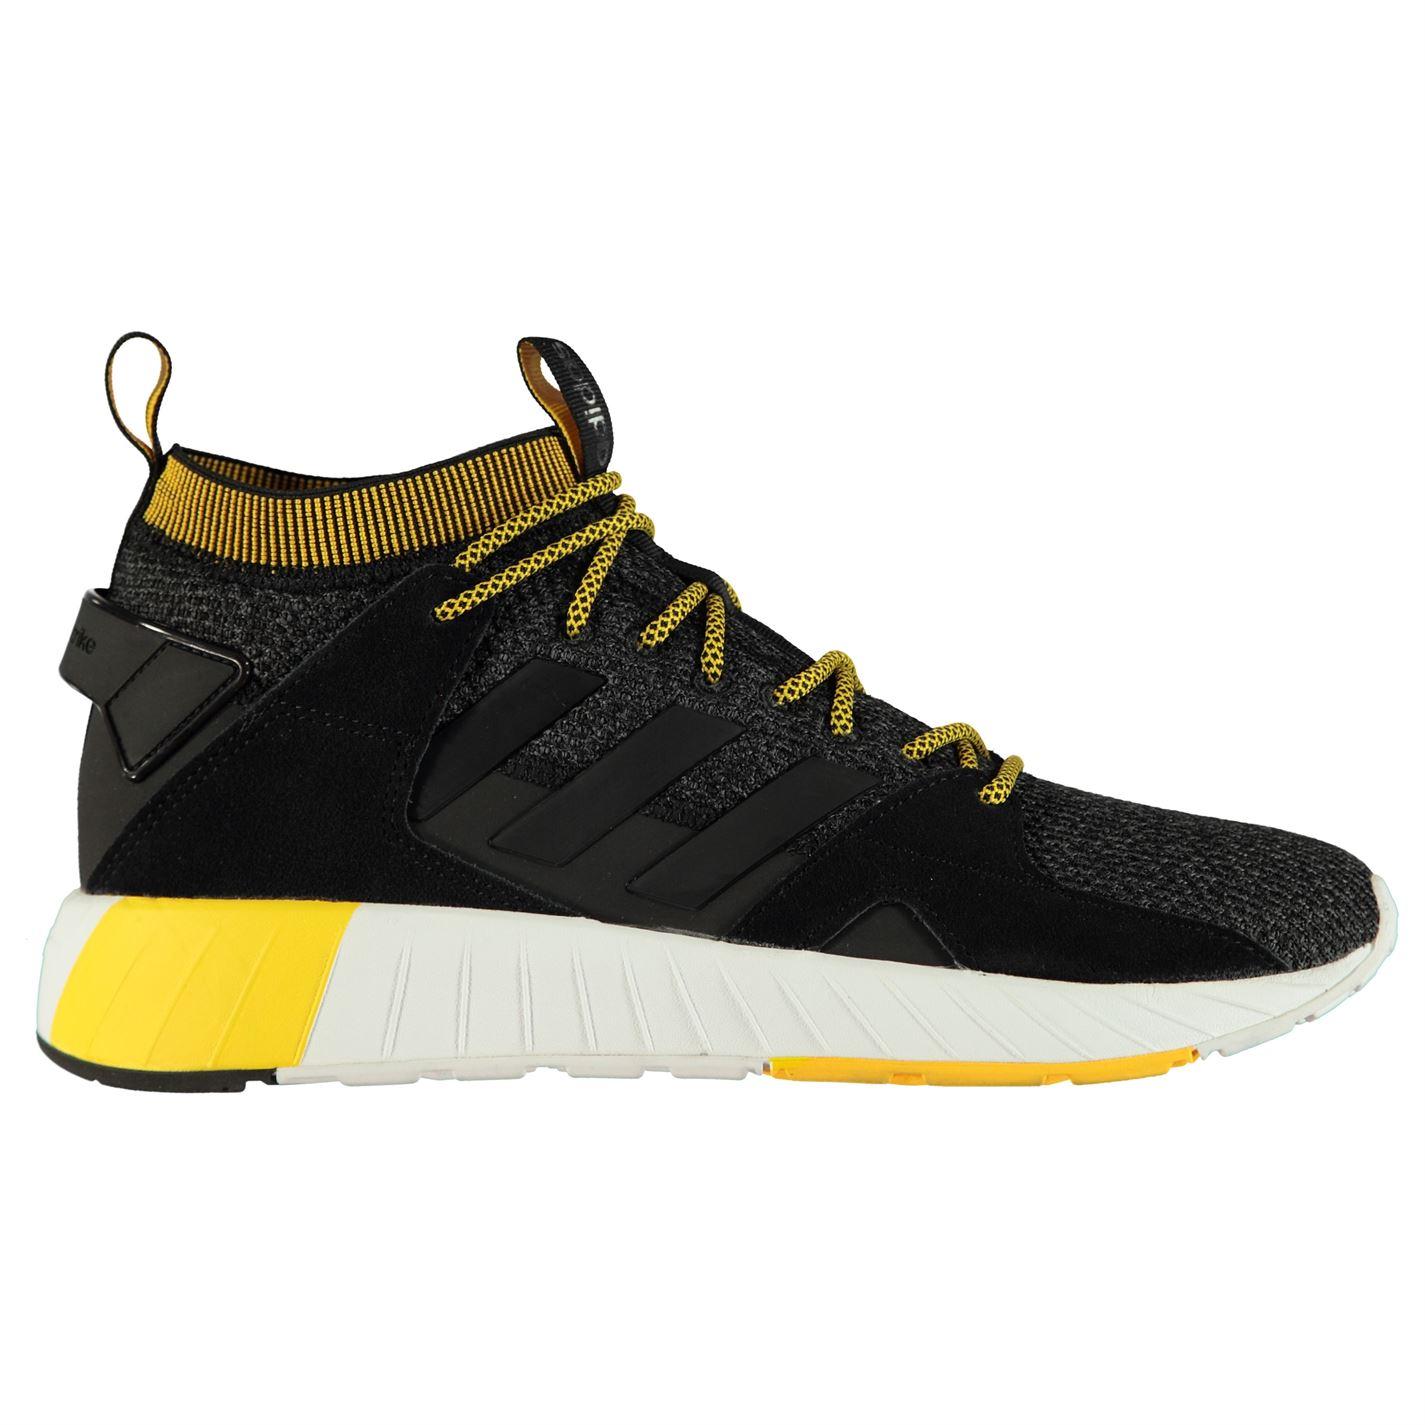 Adidas QuestarStrike Mid pánske bežecké topánky